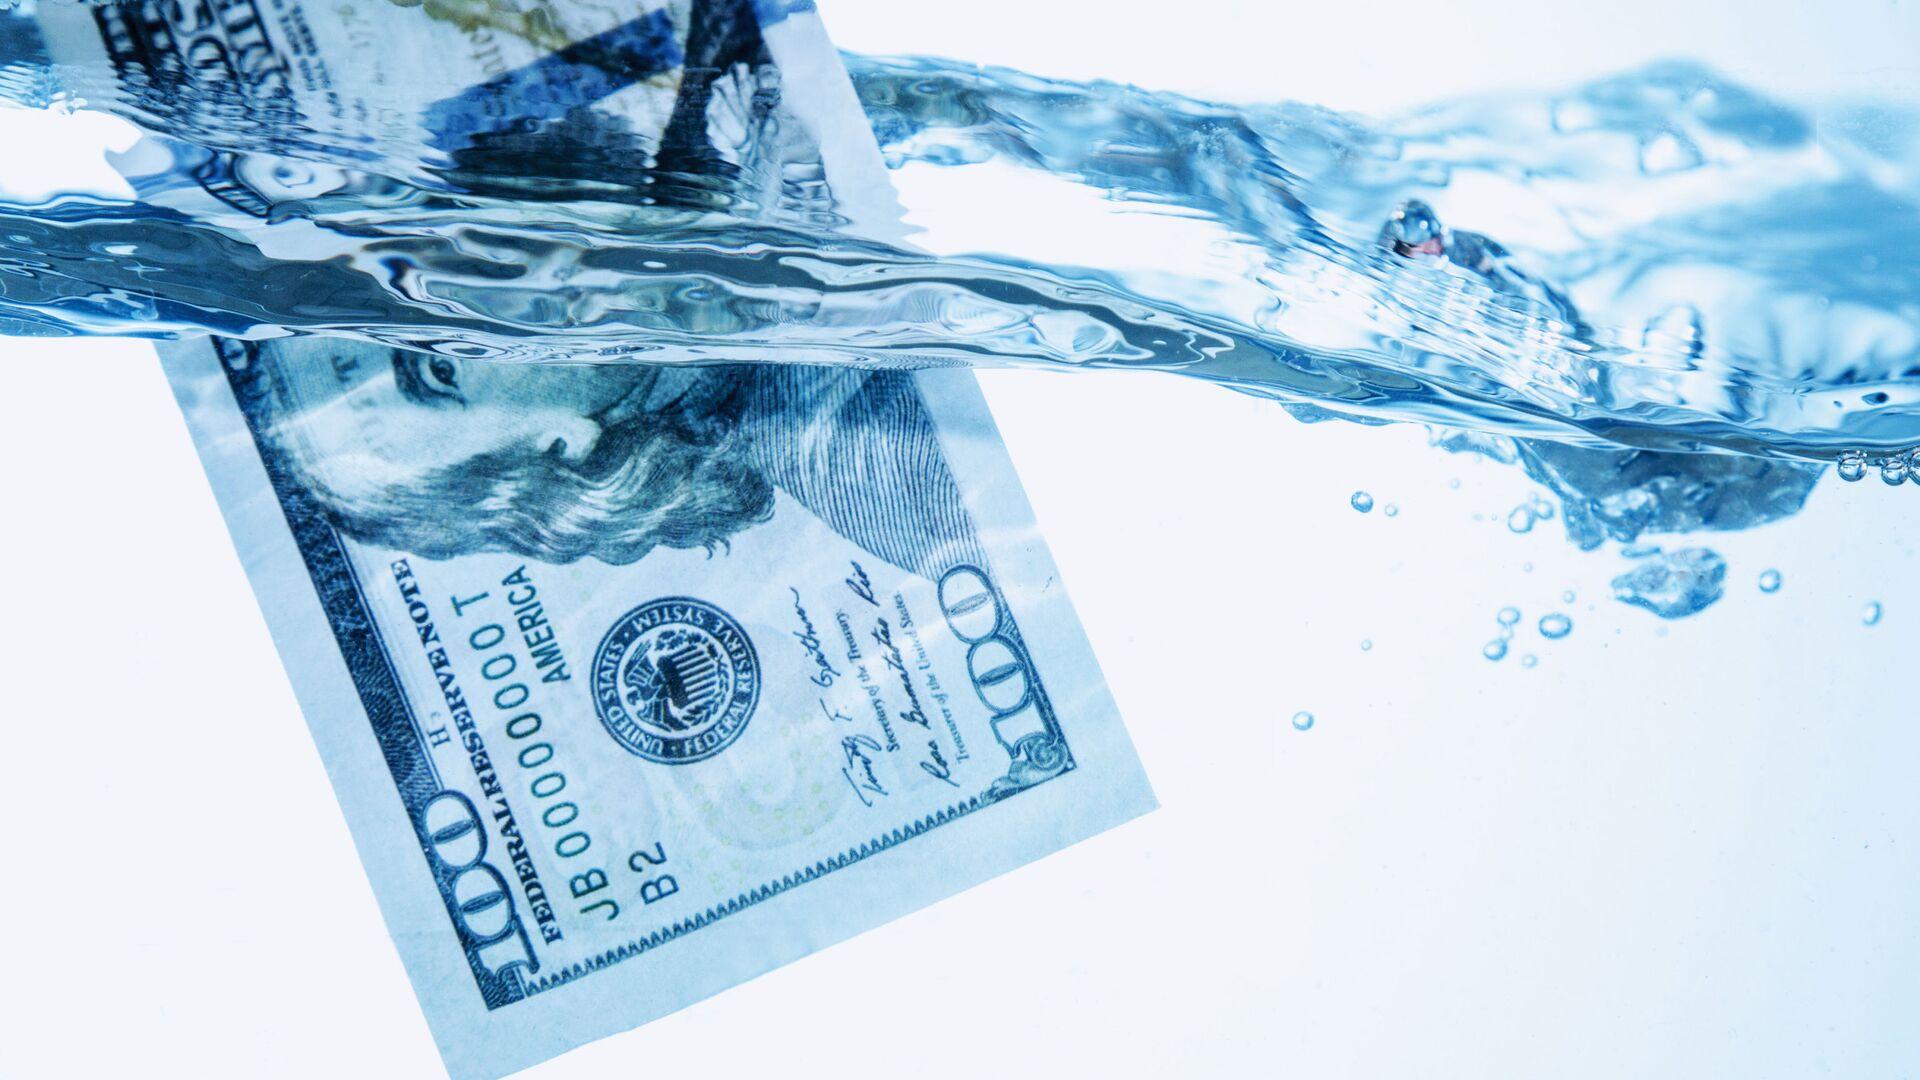 Dolar ve vodě - Sputnik Česká republika, 1920, 01.08.2021